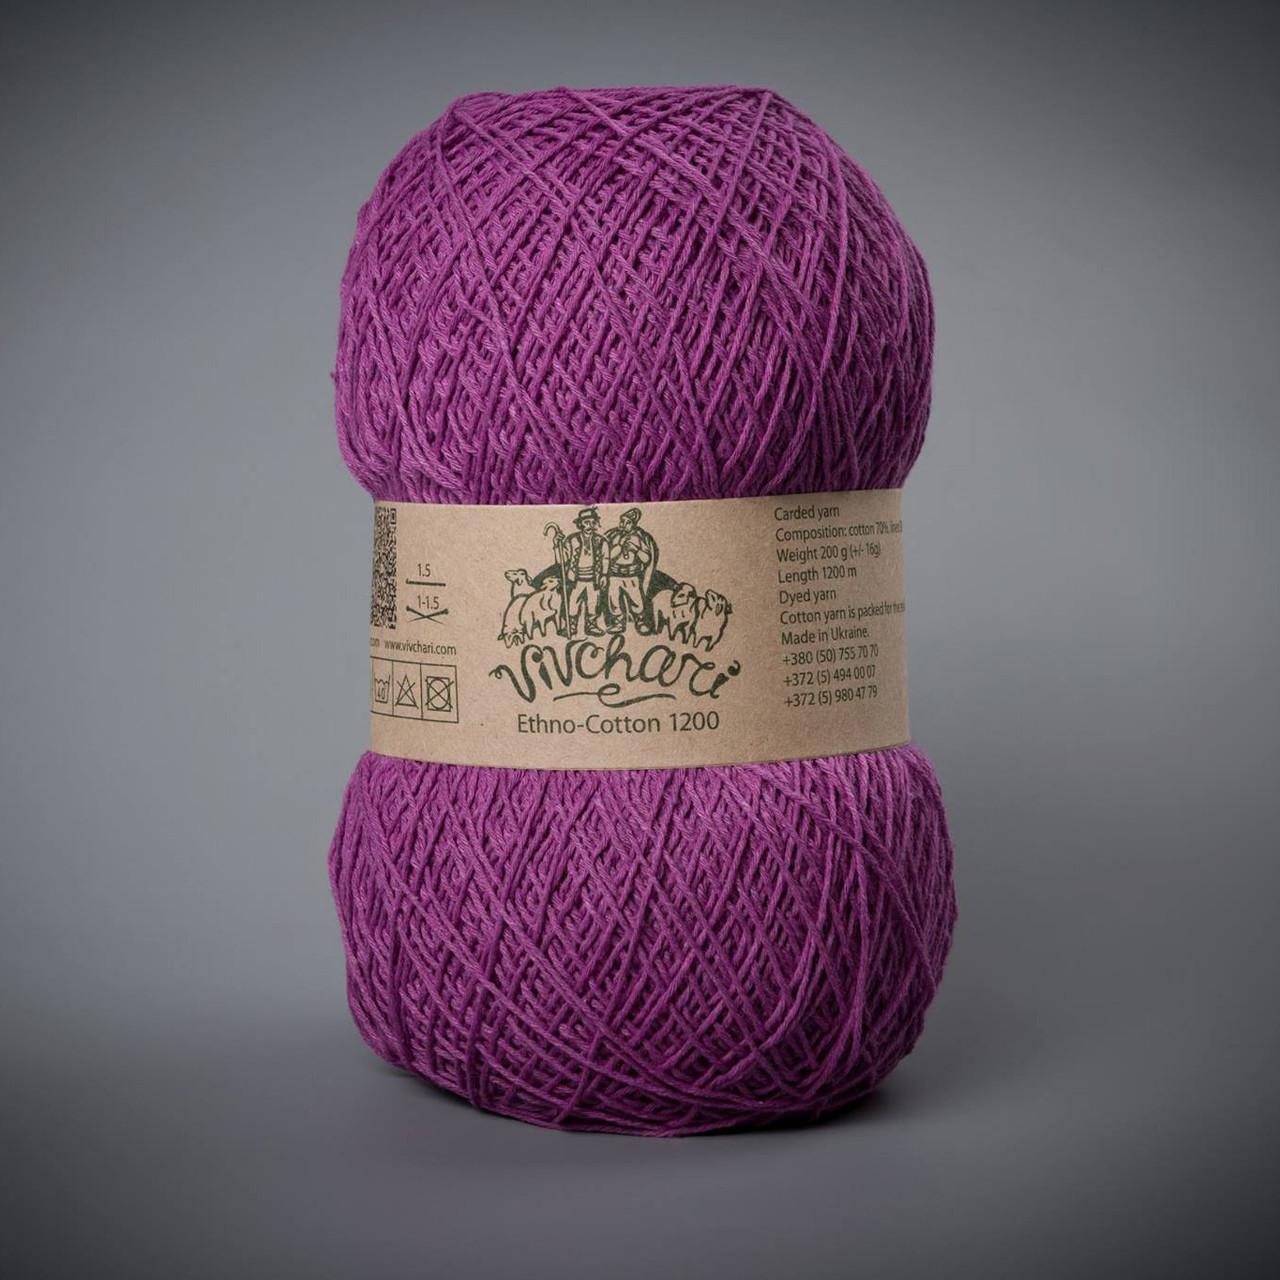 Пряжа хлопок со льном Vivchari Ethno-Cotton 1200, цвет 016 темная сирень